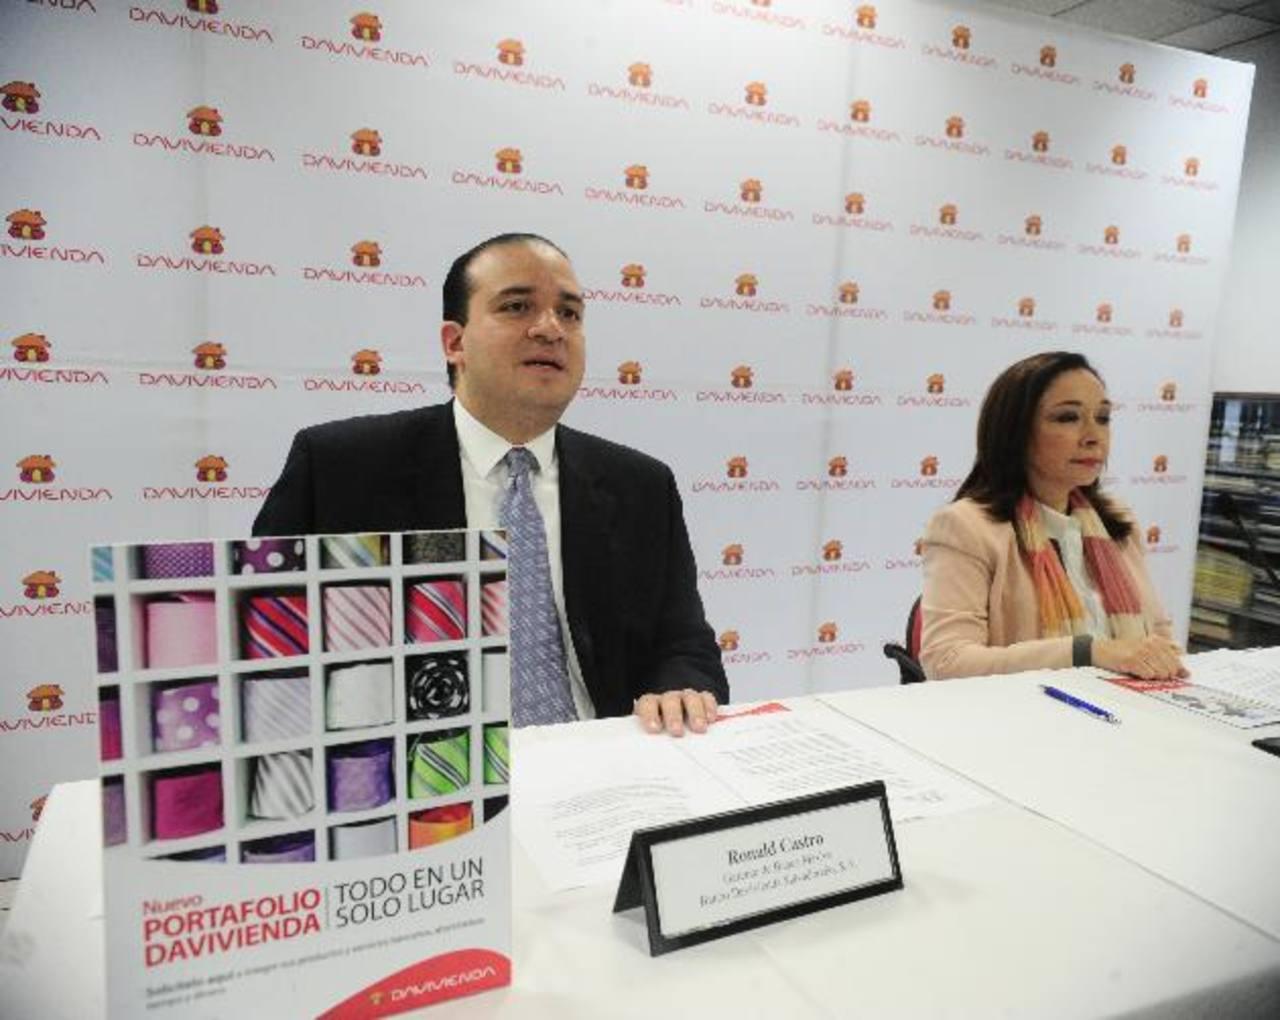 Representantes del banco dieron a conocer los beneficios del portafolio. Foto EDH/René quintanilla